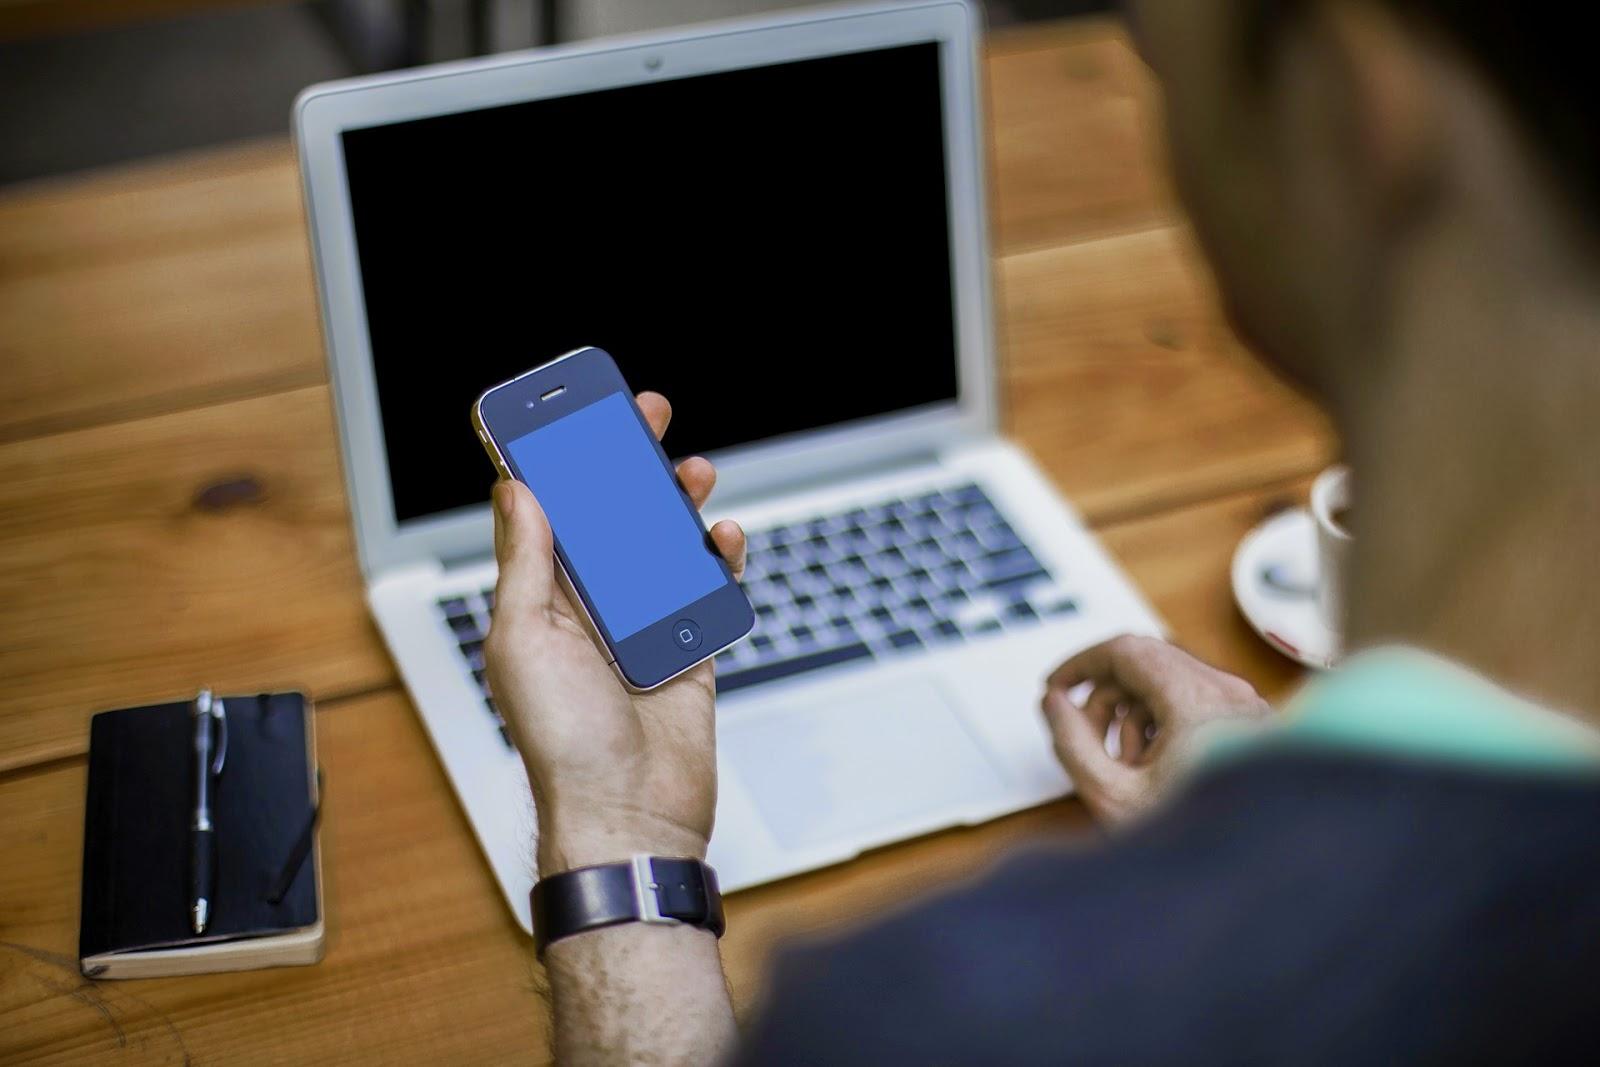 Ένας  εύκολος και δωρεάν  τρόπος για να βρείτε και να δείτε   διαγραμμένα αρχεία, επαφές μηνύματα ή βίντεο και πολλά άλλα σε κινητά χωρίς να έχετε κάνει backup...